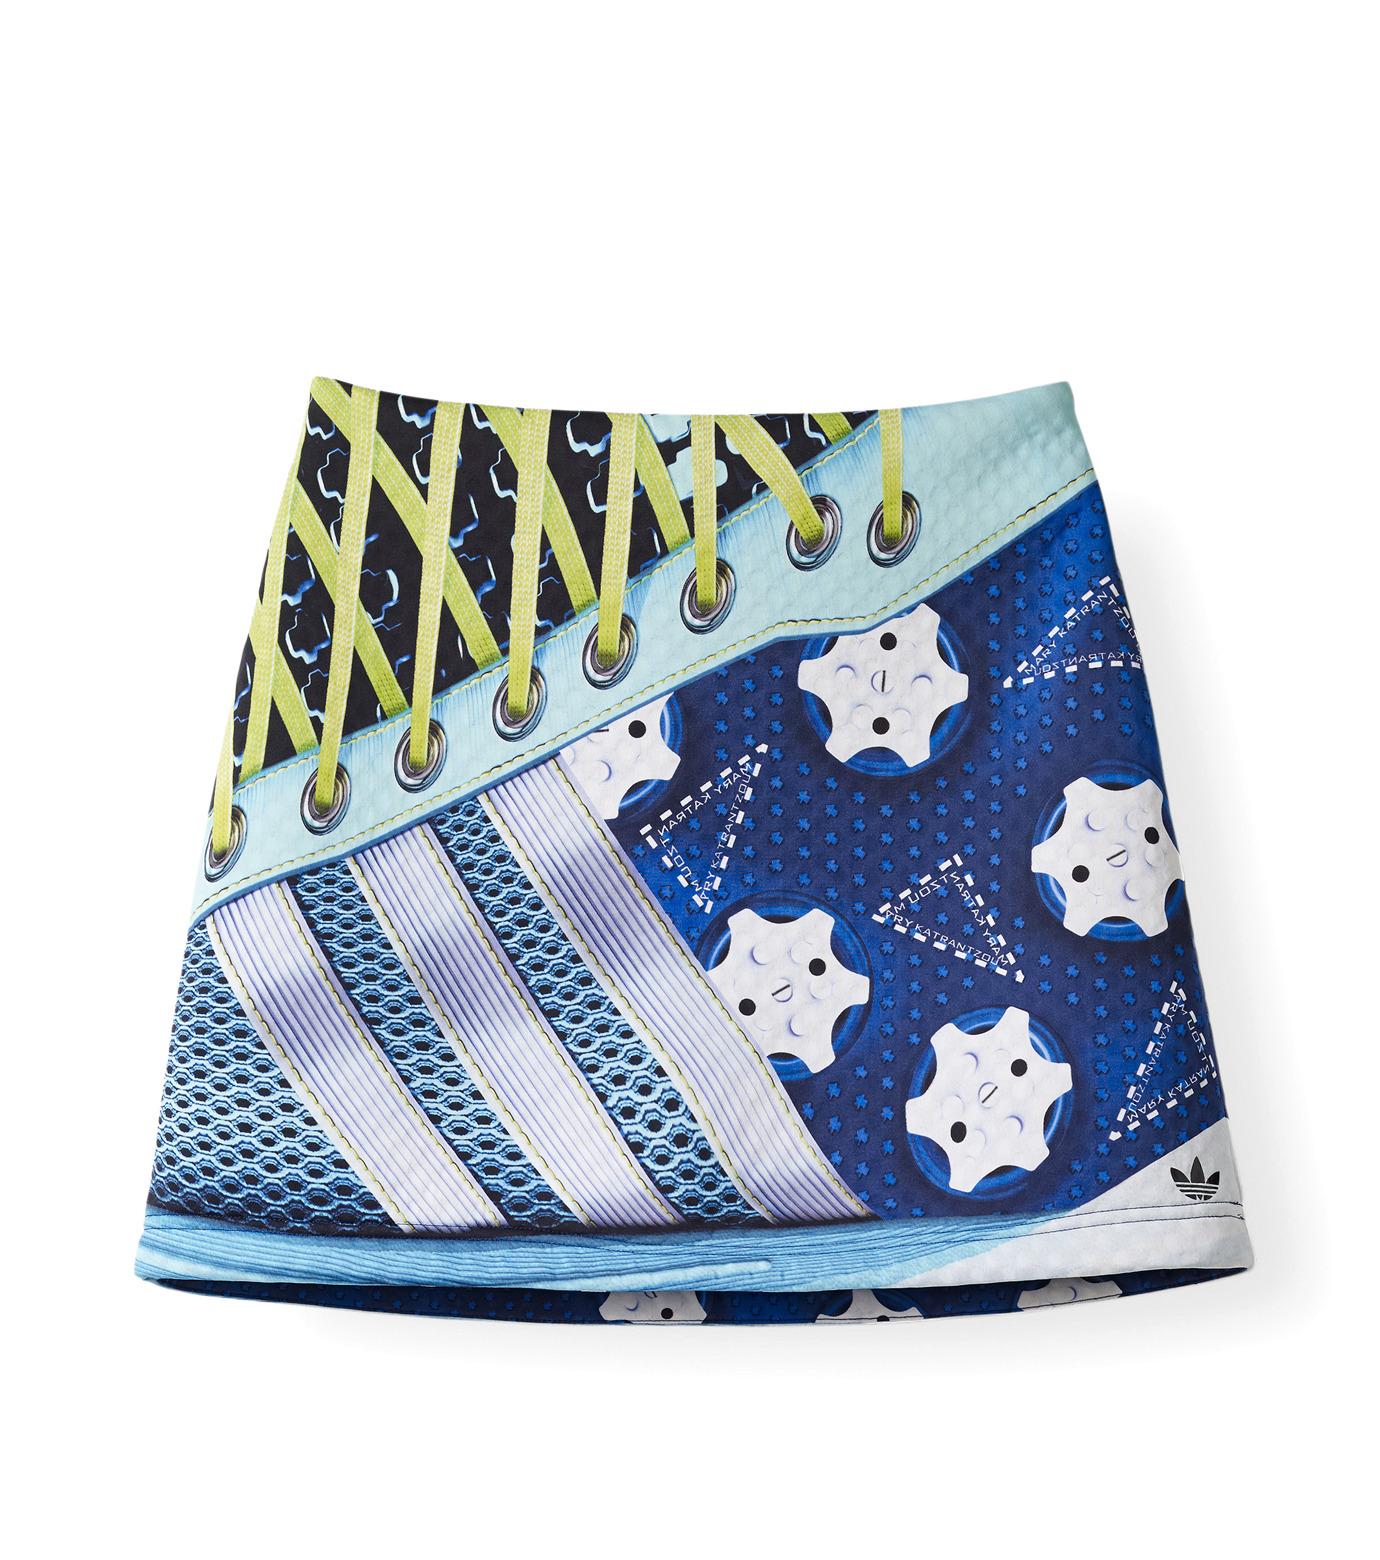 Adidas x Mary Katrantzou(アディダス メアリー・カトランズ)のExc Skirt-TURQUOISE-M63102-95 拡大詳細画像1